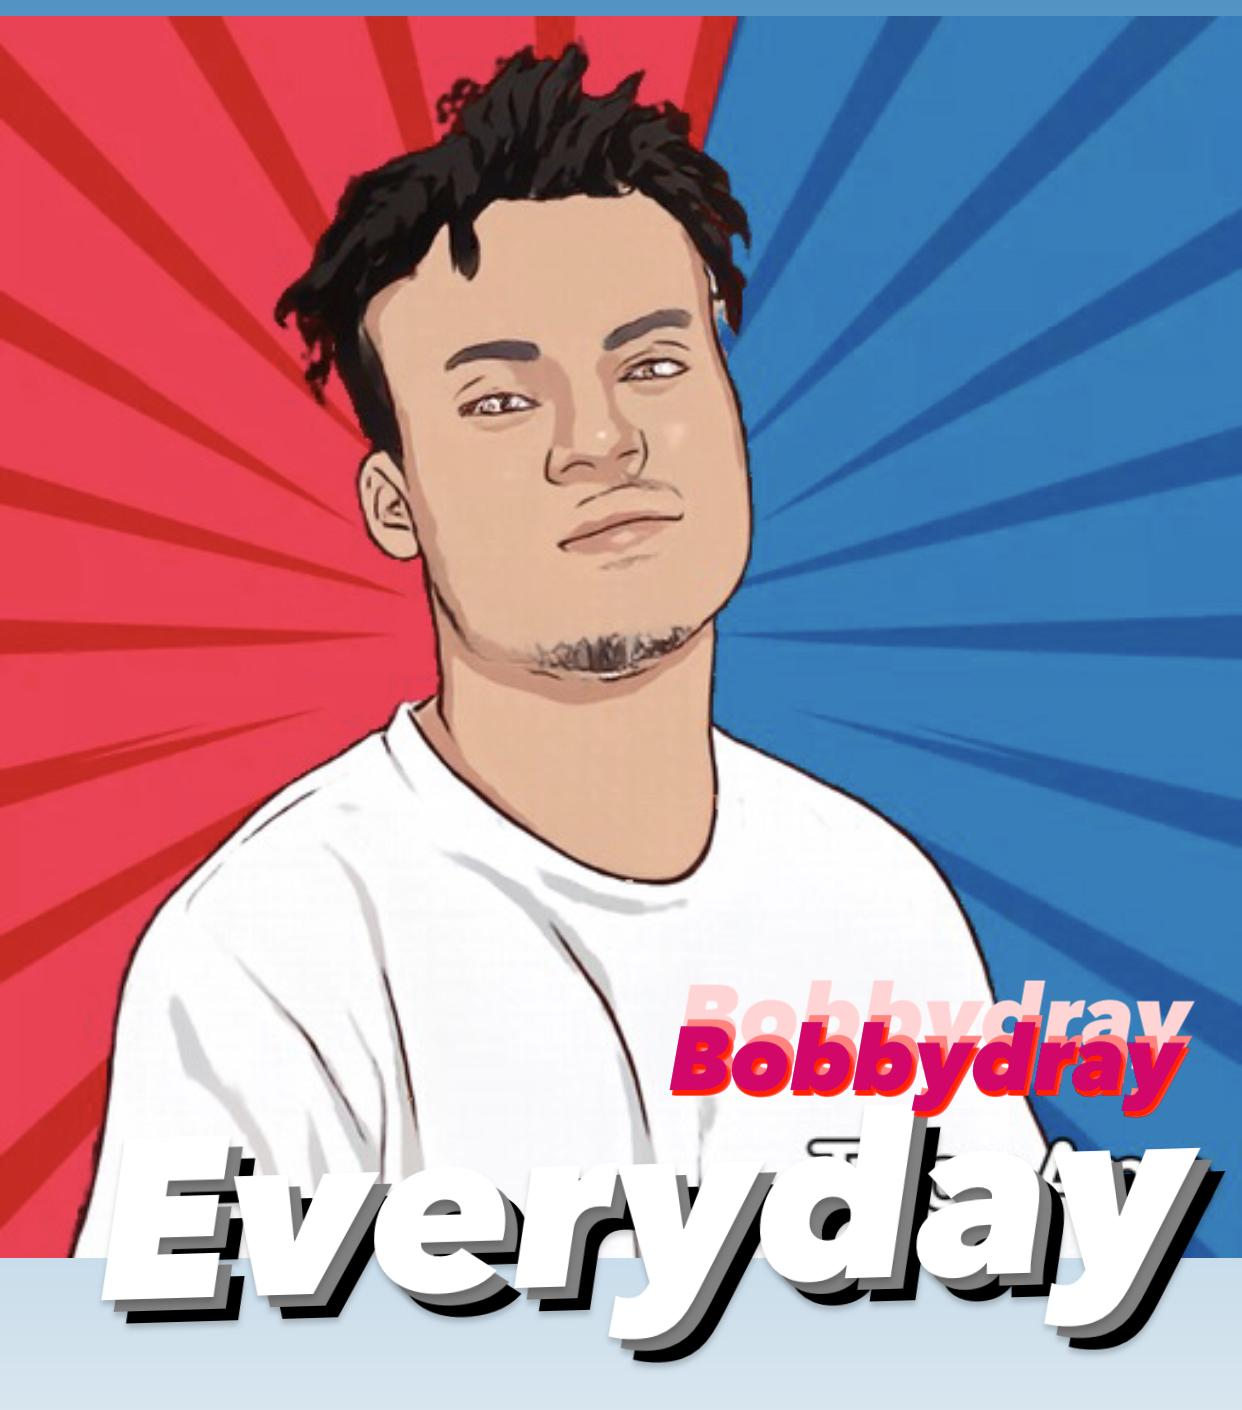 Bobby—Dray - Everyday